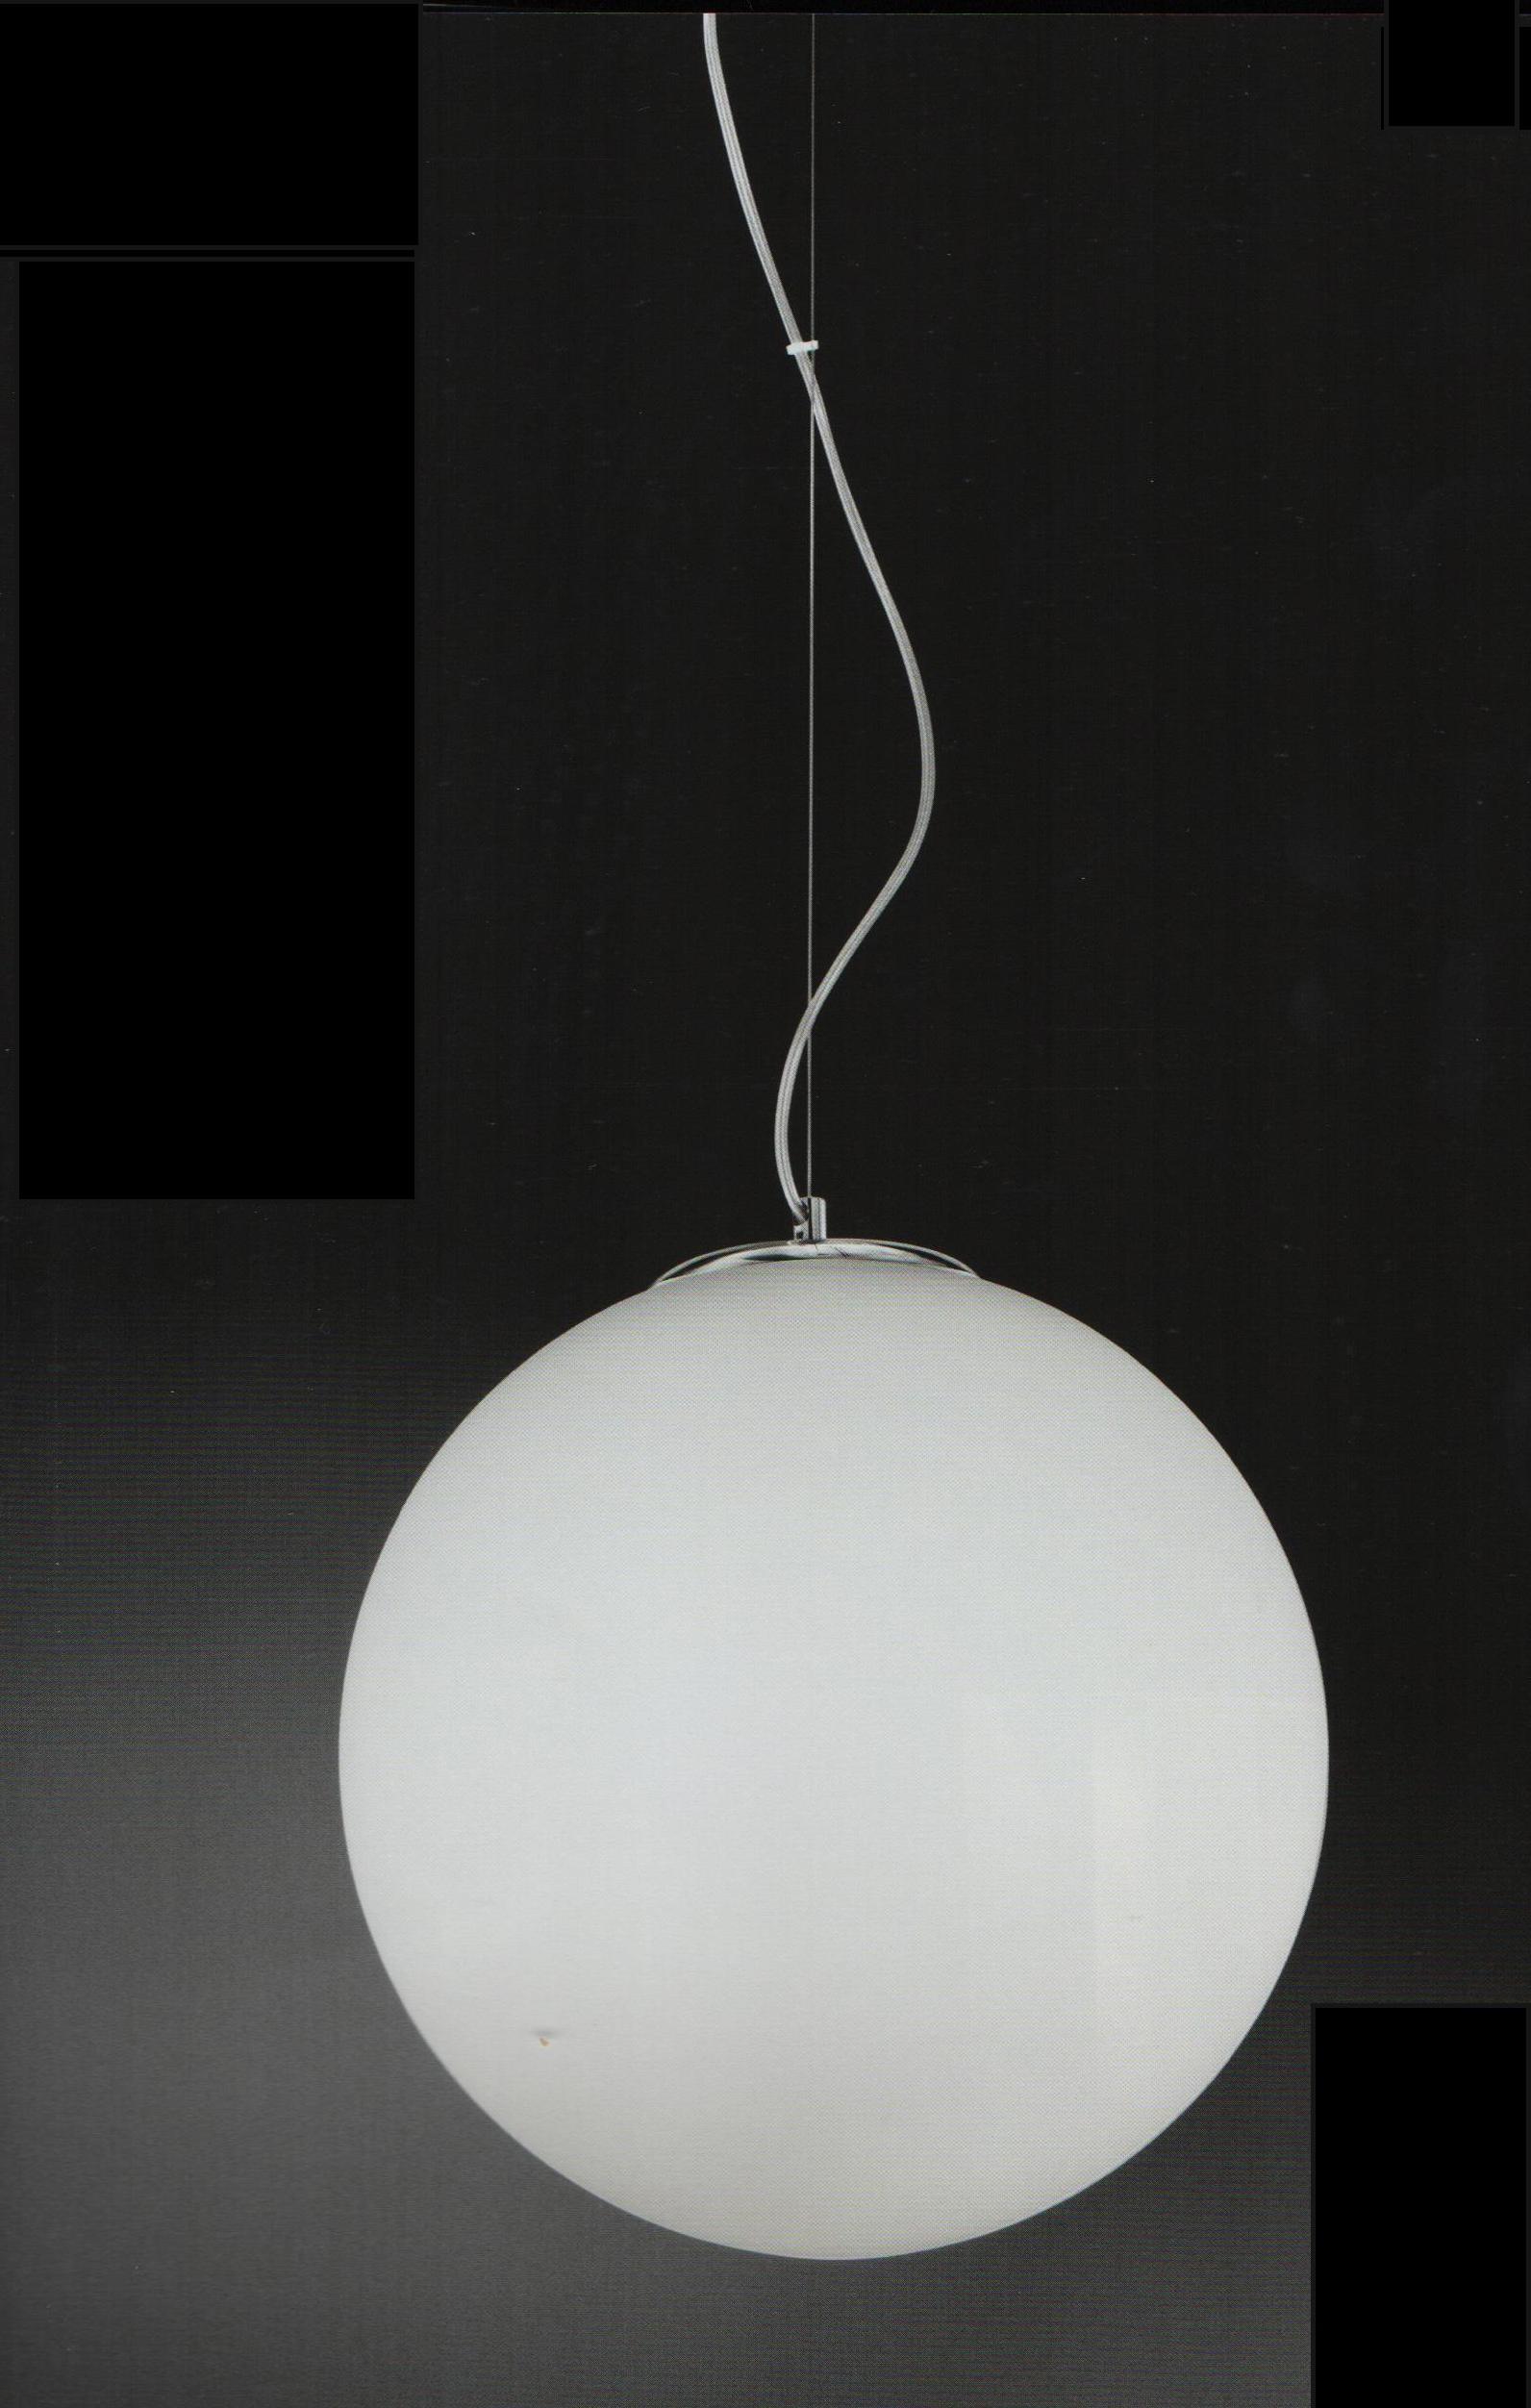 Lampadari A Palla Moderni.Lampadario A Sfera Bianco Latte 40cm 2 Lampadine